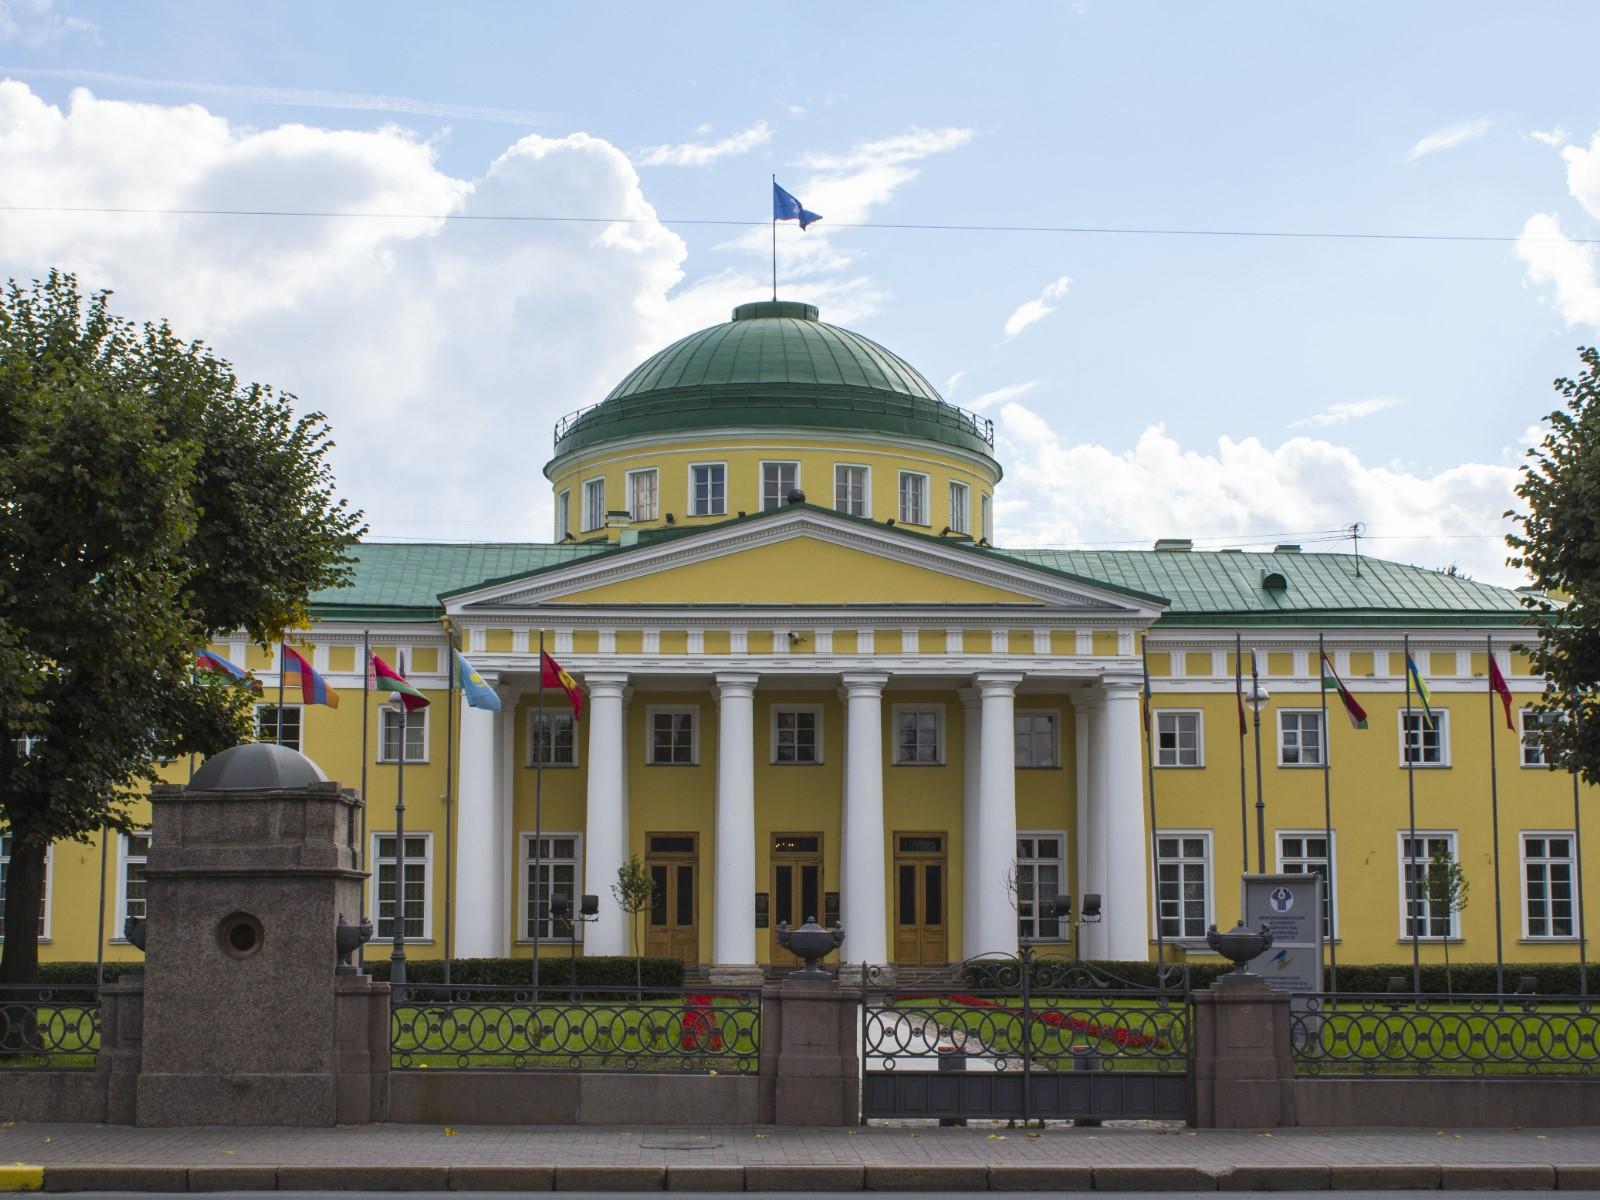 Orangery of the Tauride Garden in St. Petersburg 19